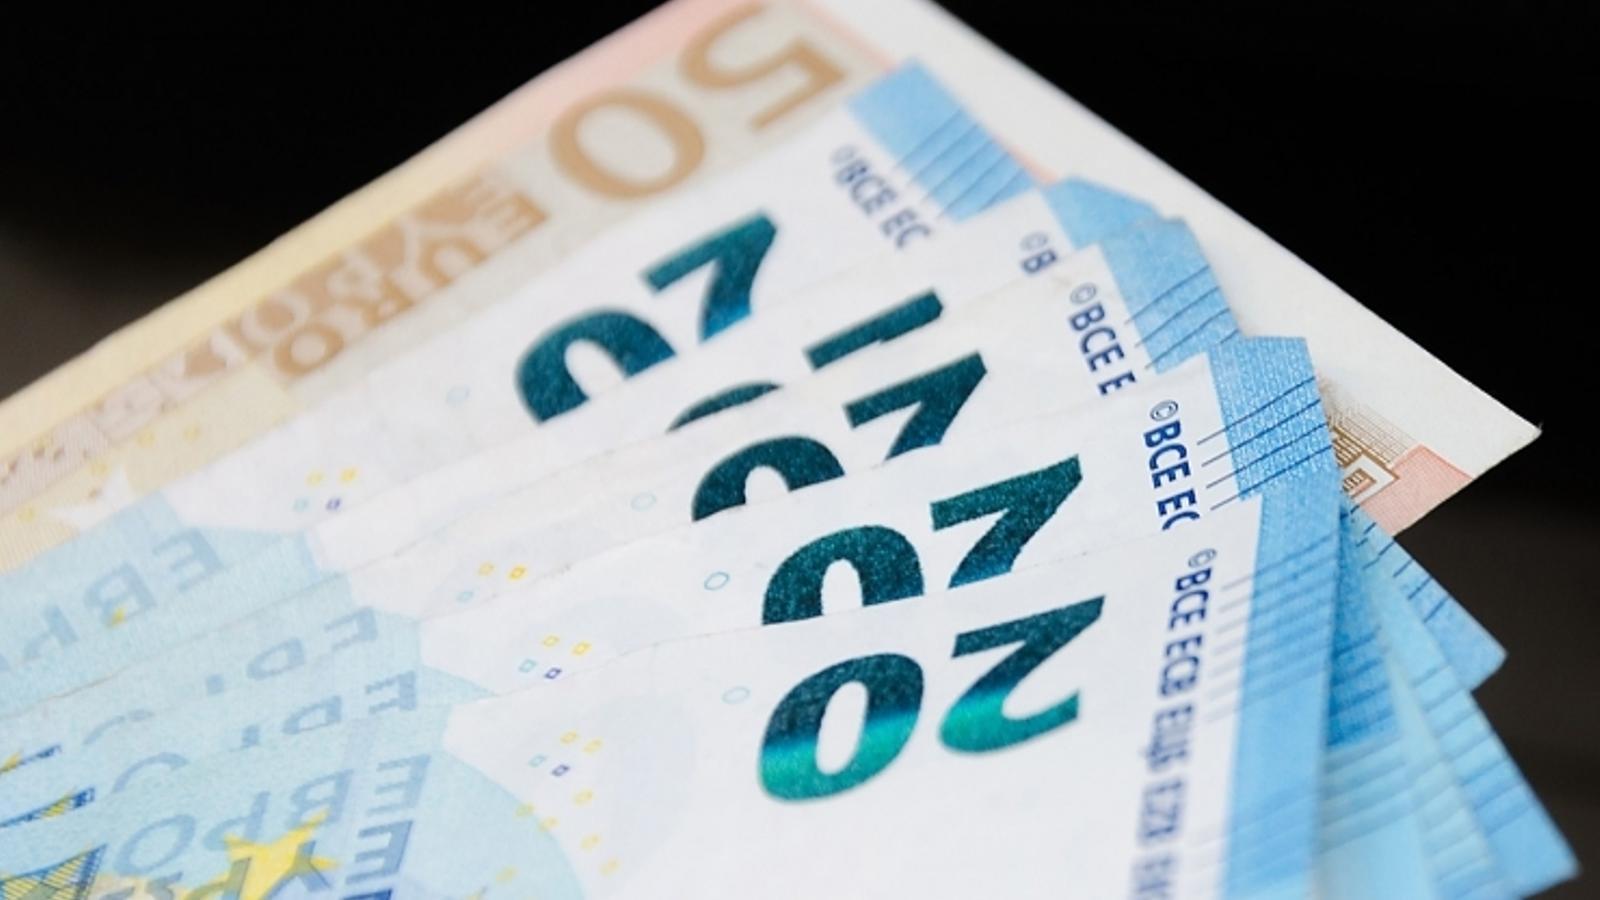 Els economistes del país preveuen una recuperació més ràpida que la de la crisi del 2008. / ARXIU ANA